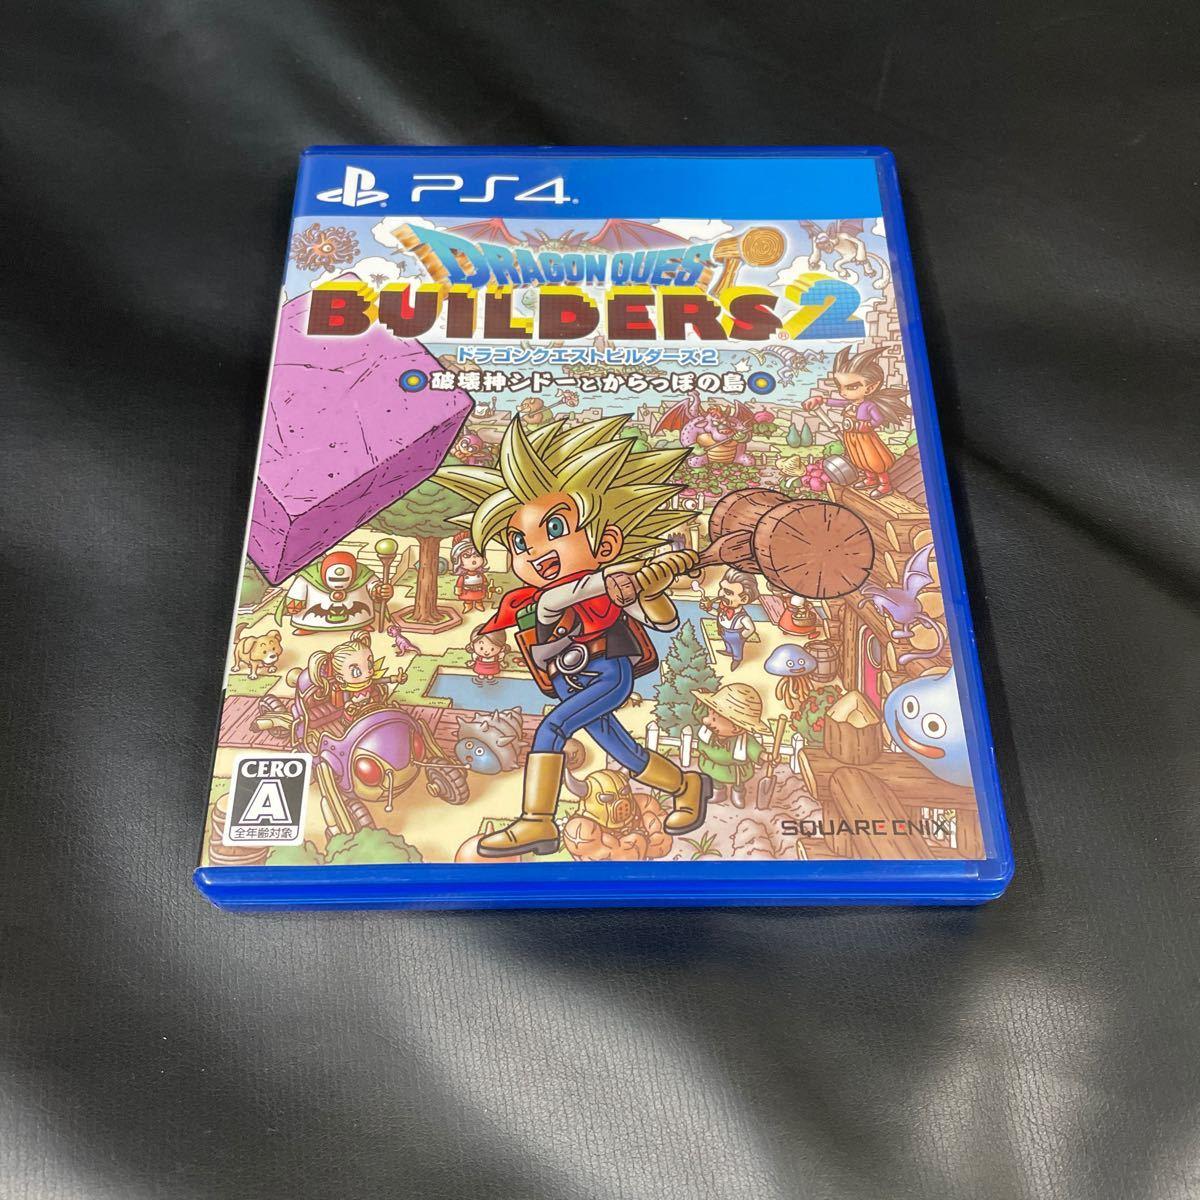 【PS4】 ドラゴンクエストビルダーズ2 破壊神シドーとからっぽの島 [通常版]